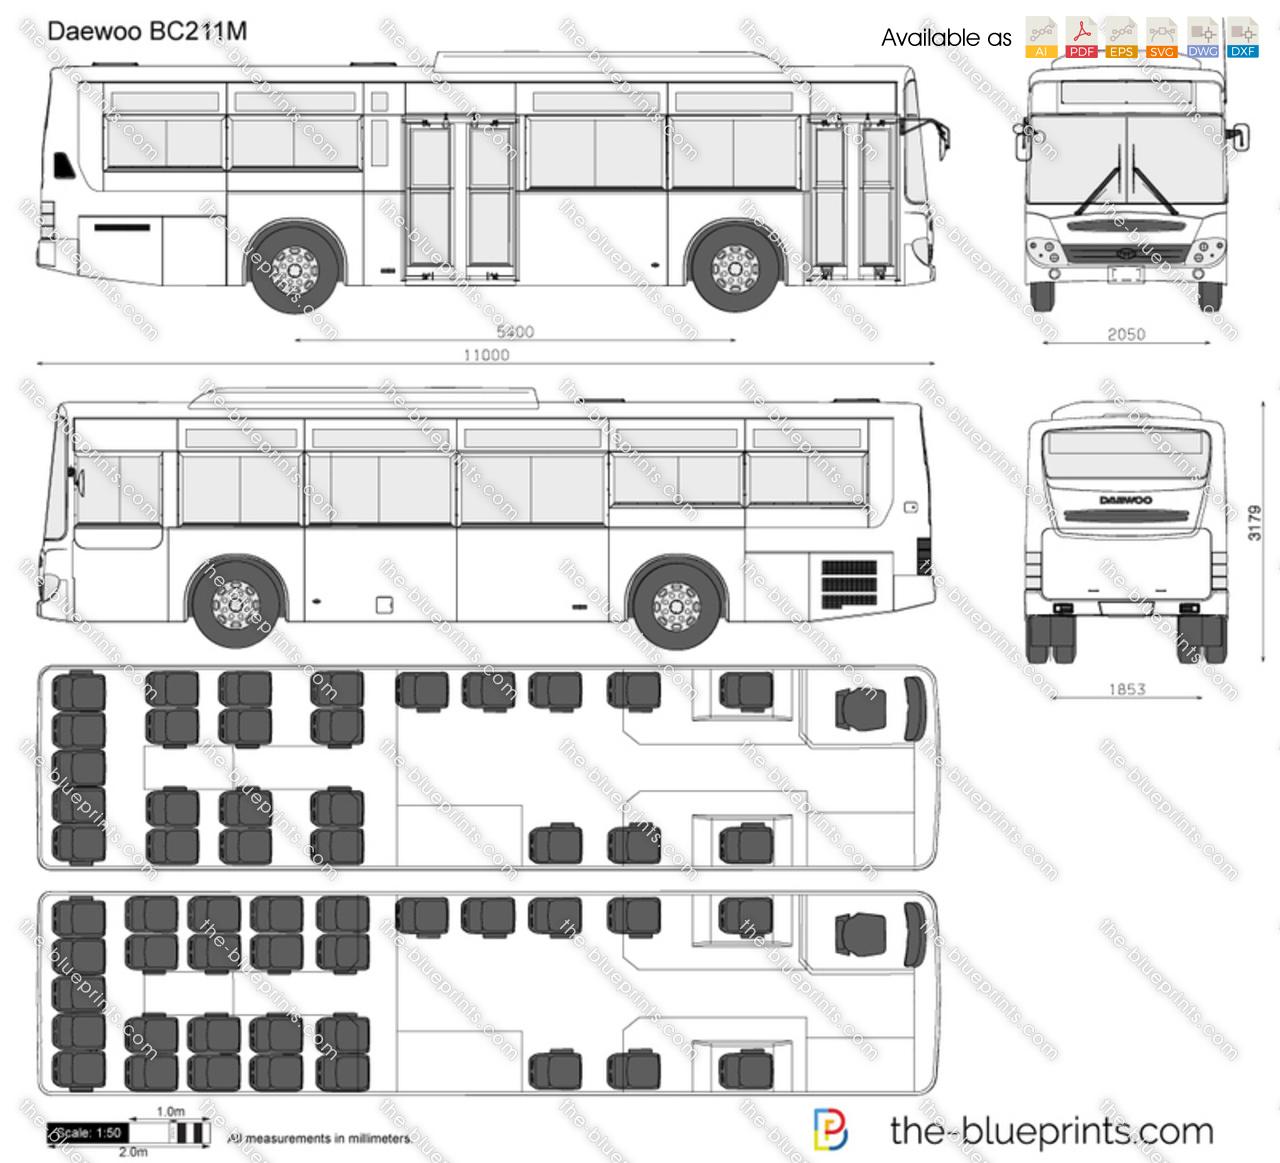 Daewoo Bc211m Vector Drawing